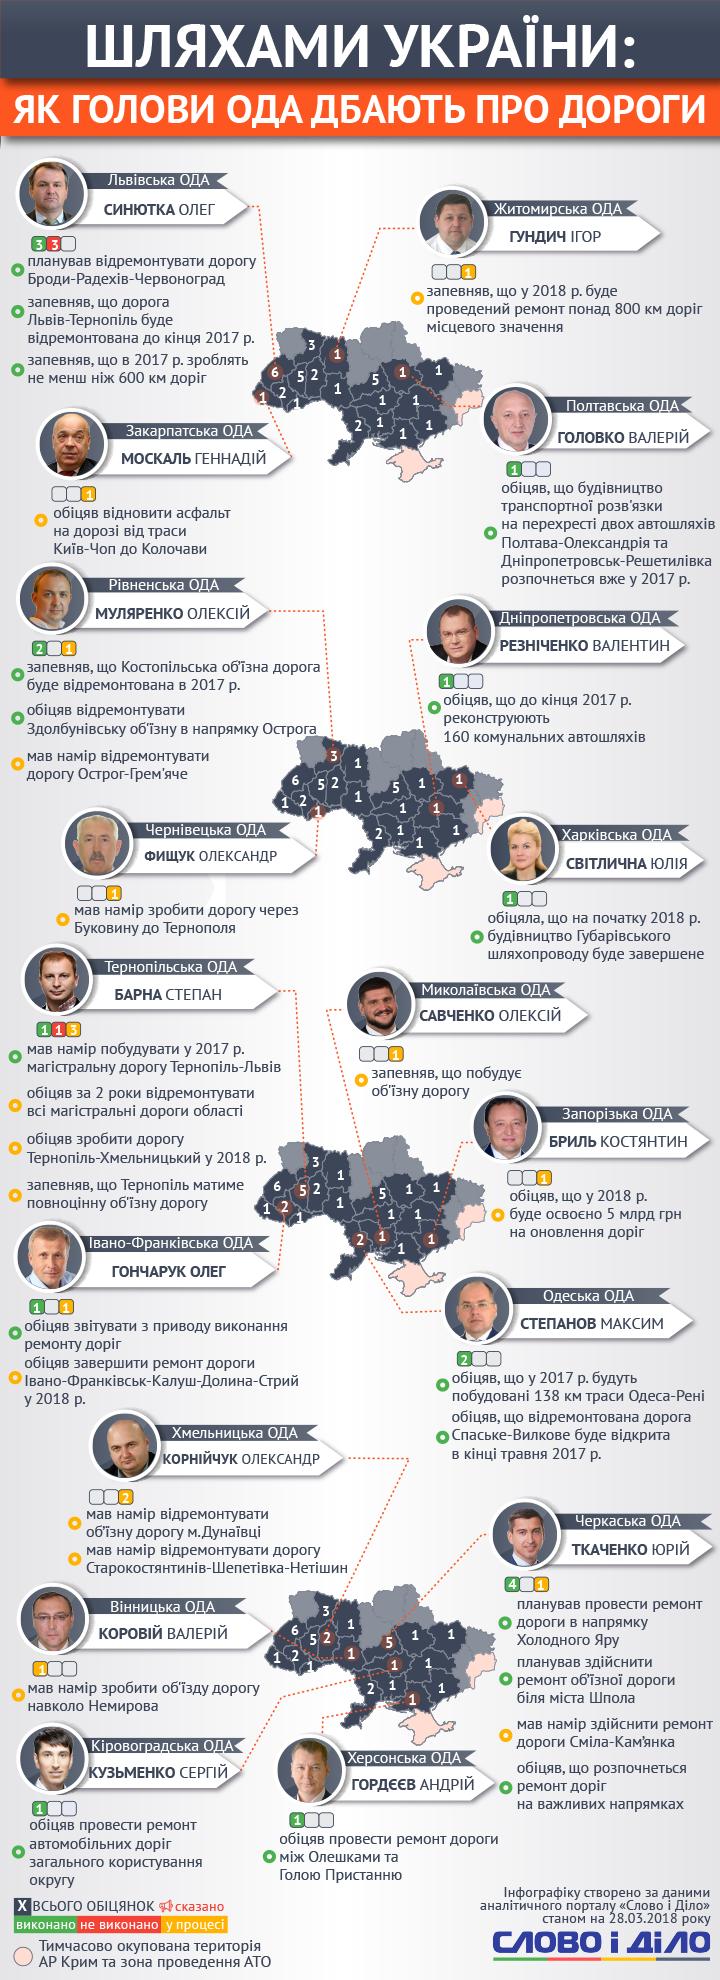 У той час, як уряд обіцяє системно підійти до ремонту та будівництва доріг в Україні, голови обладміністрацій не надто щедро роздають запевнення з цього приводу.